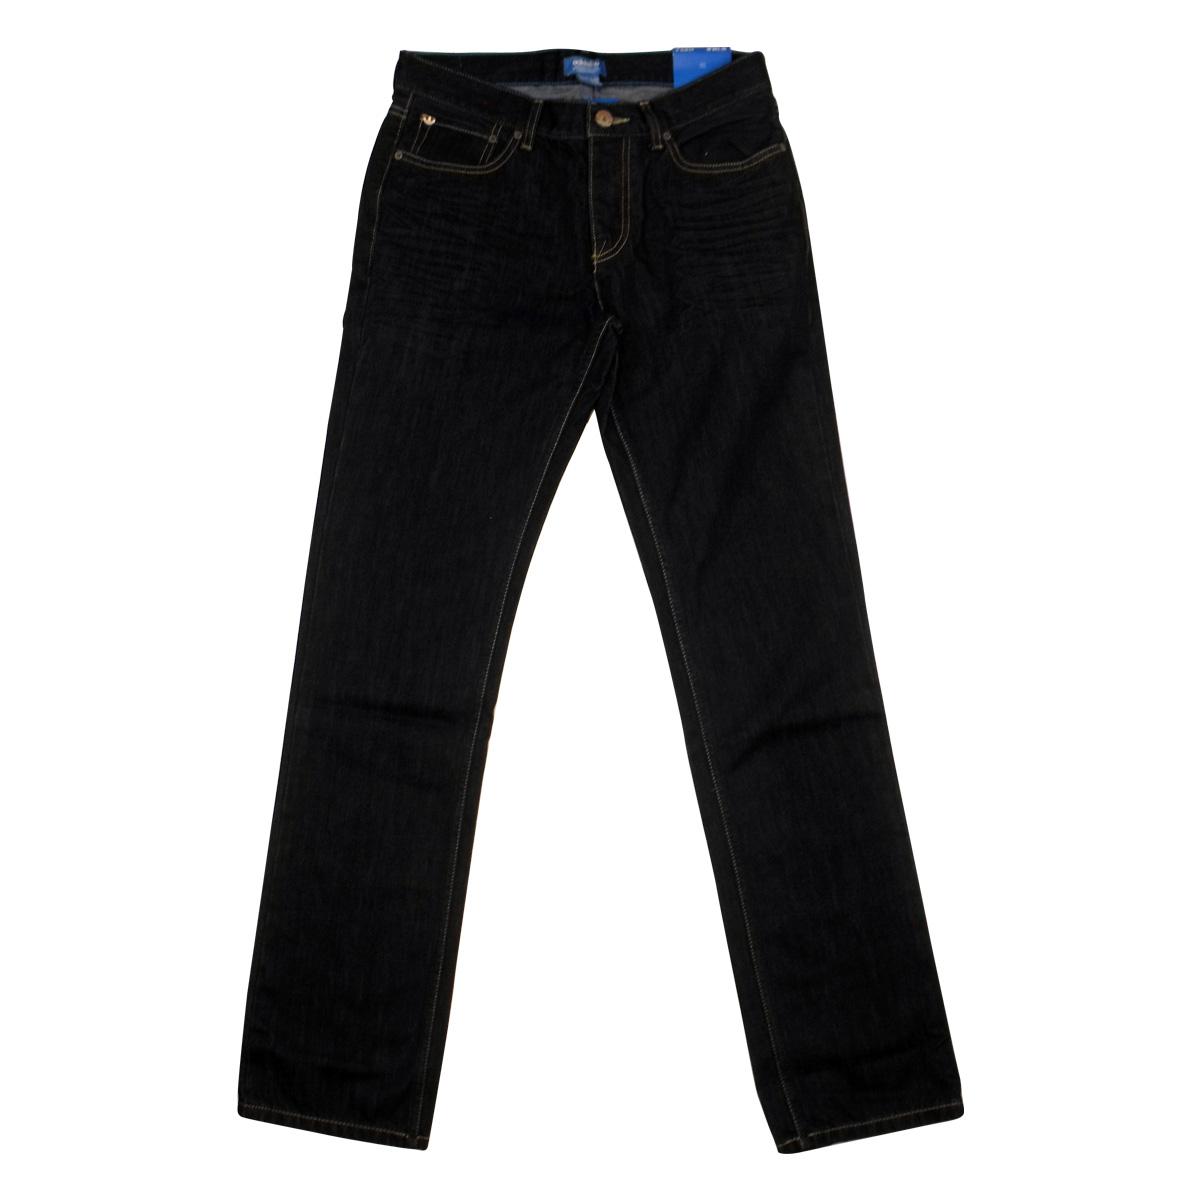 Mens Adidas Originals M Slim Fit Jeans